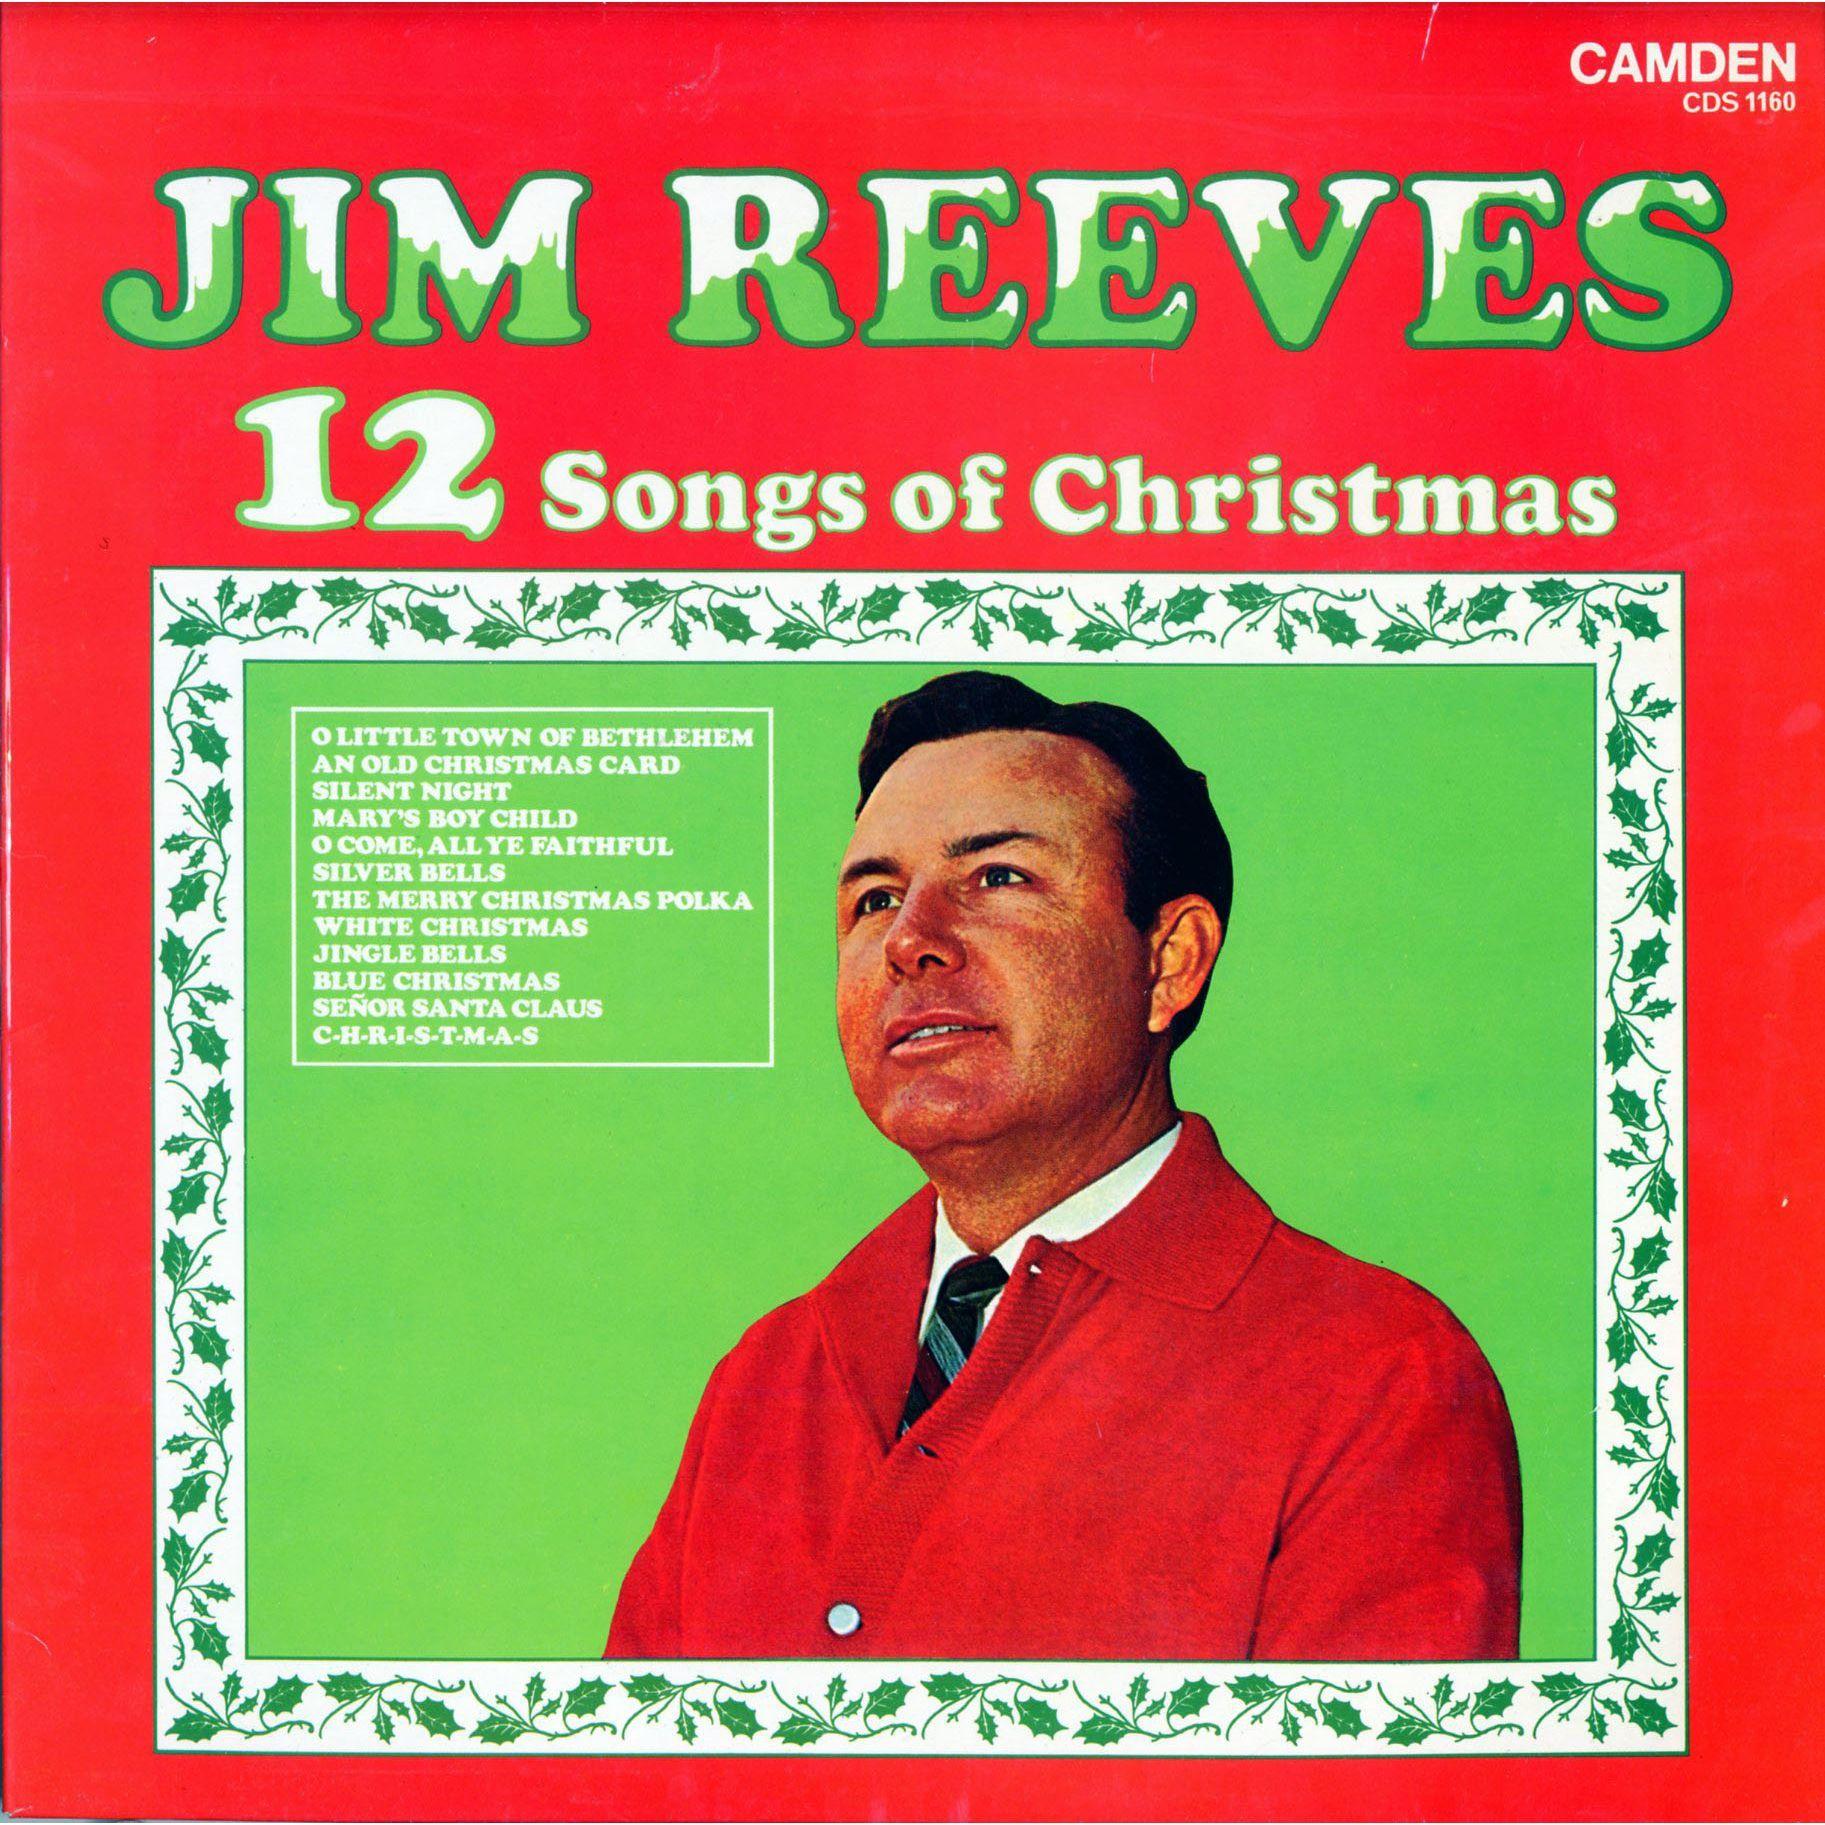 Jim Reeves | Music / Musicians | Pinterest | Musicians